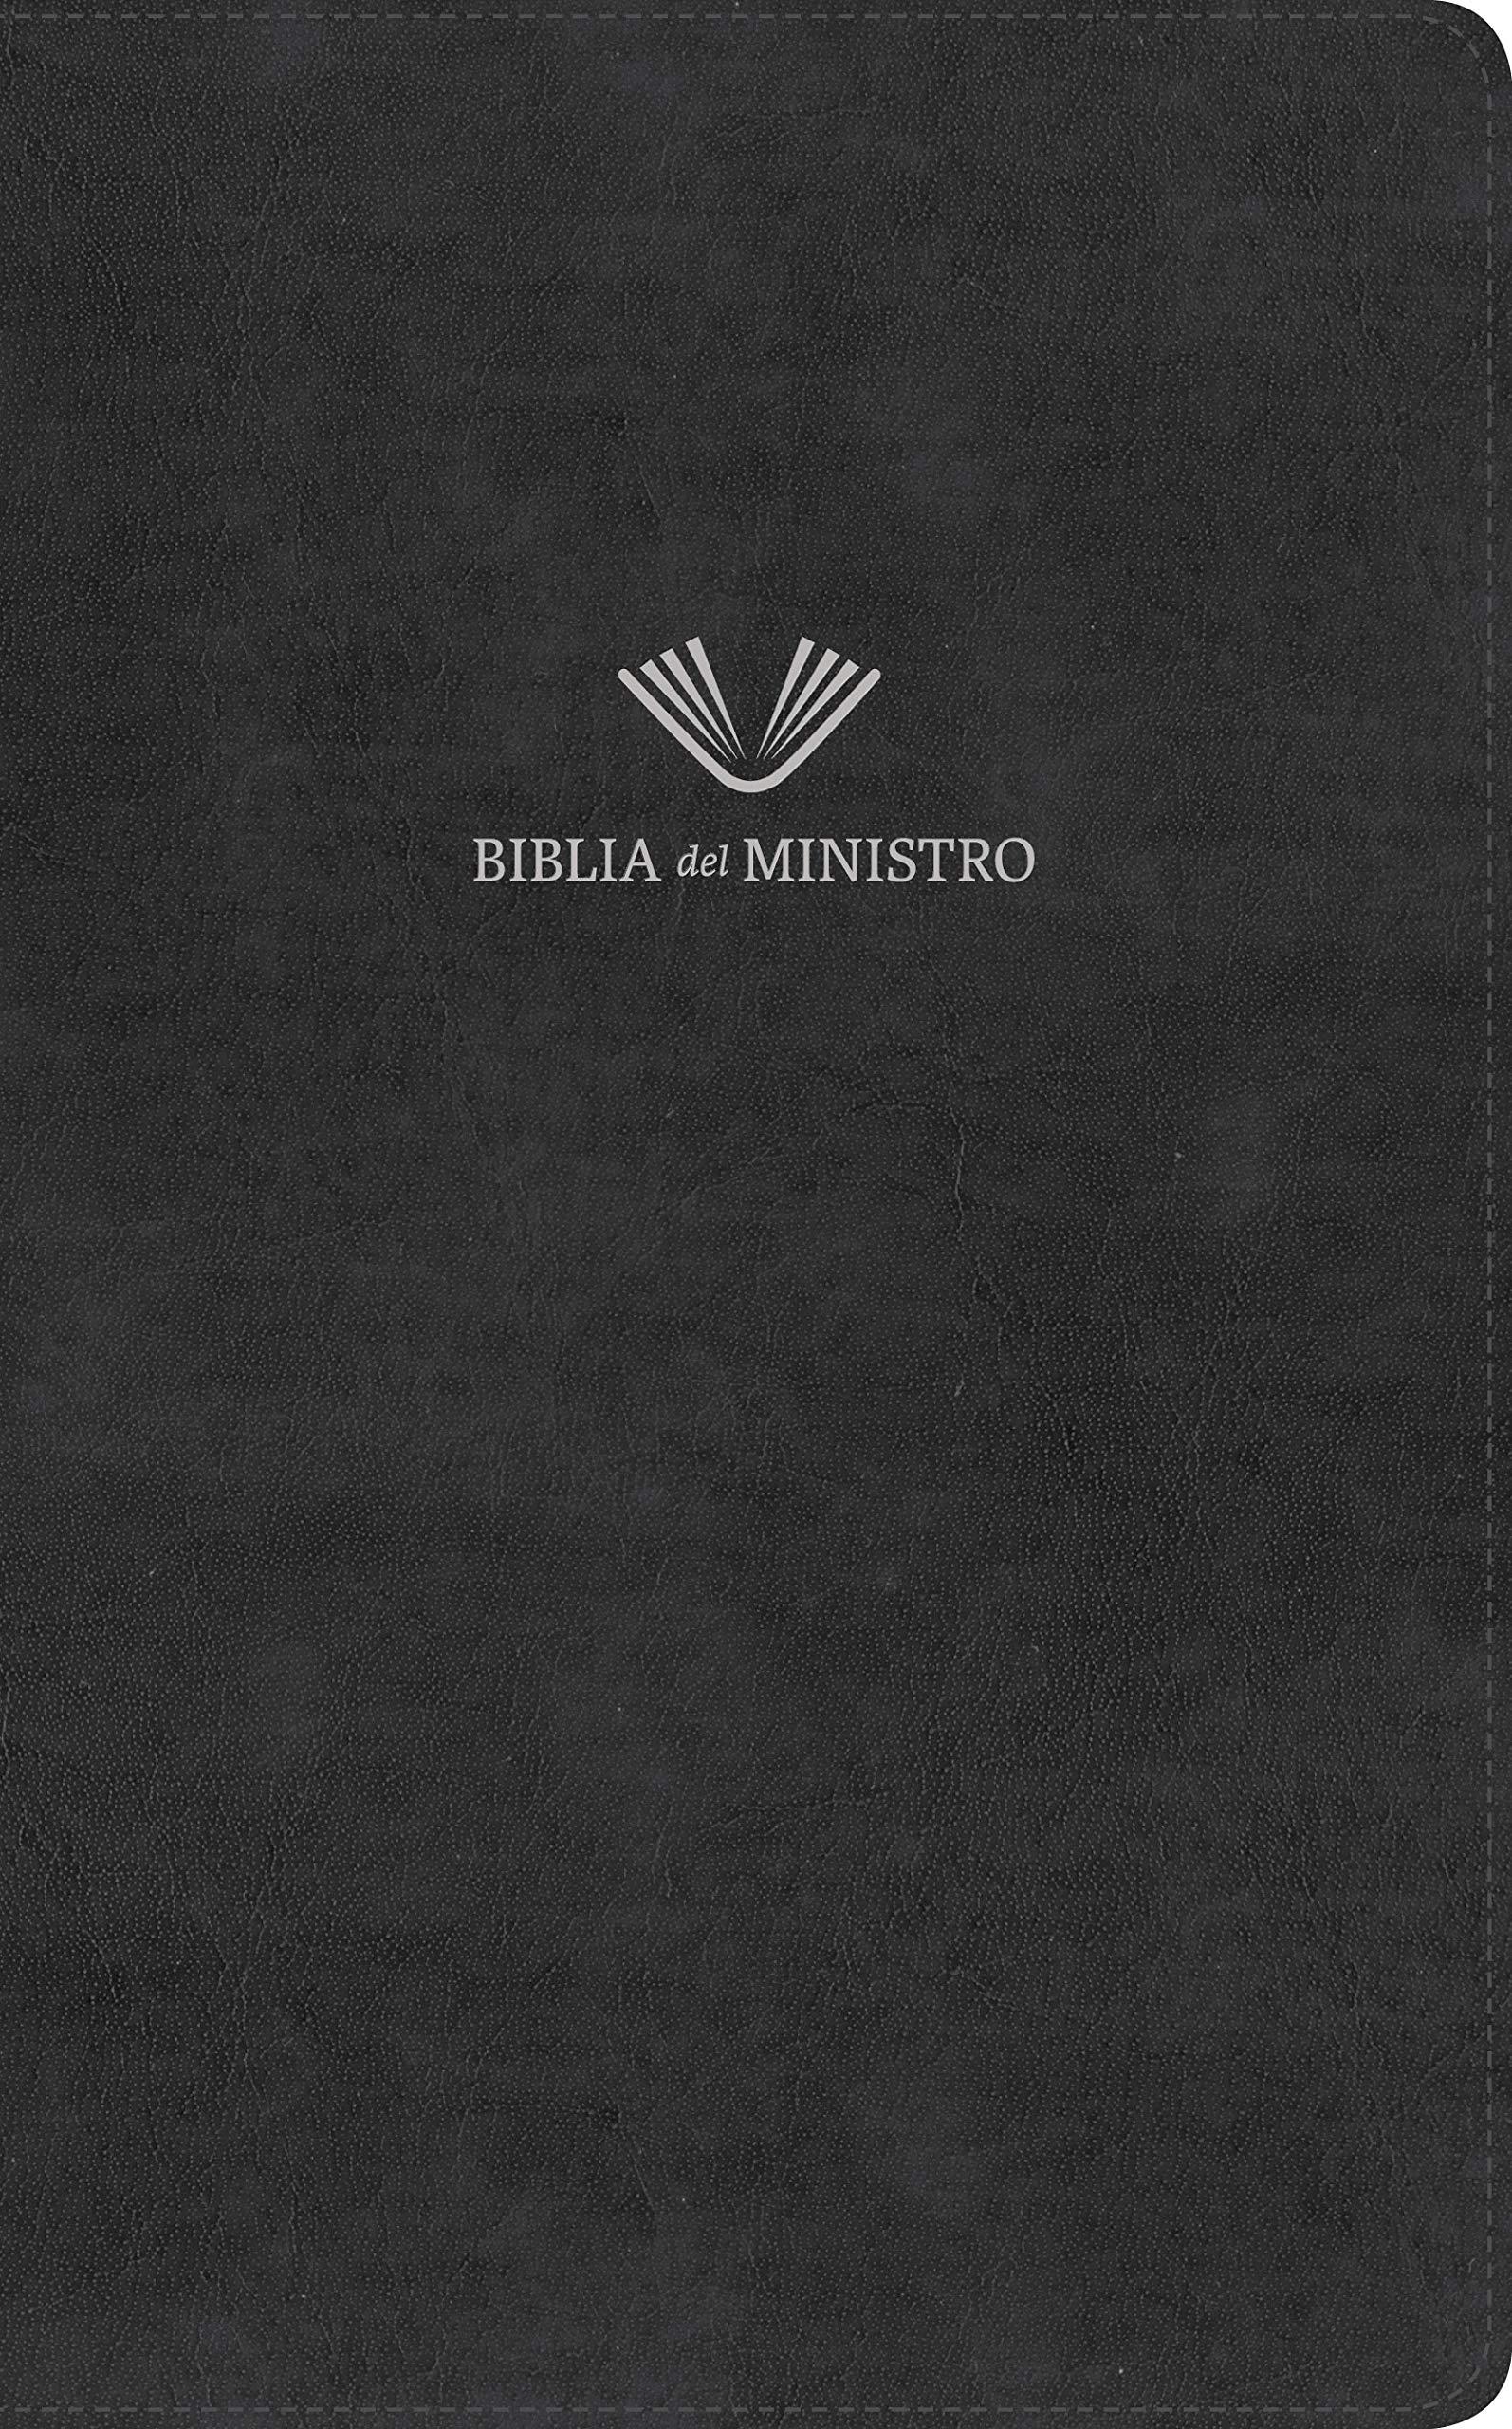 RVR 1960 Biblia del ministro, negro piel fabricada>